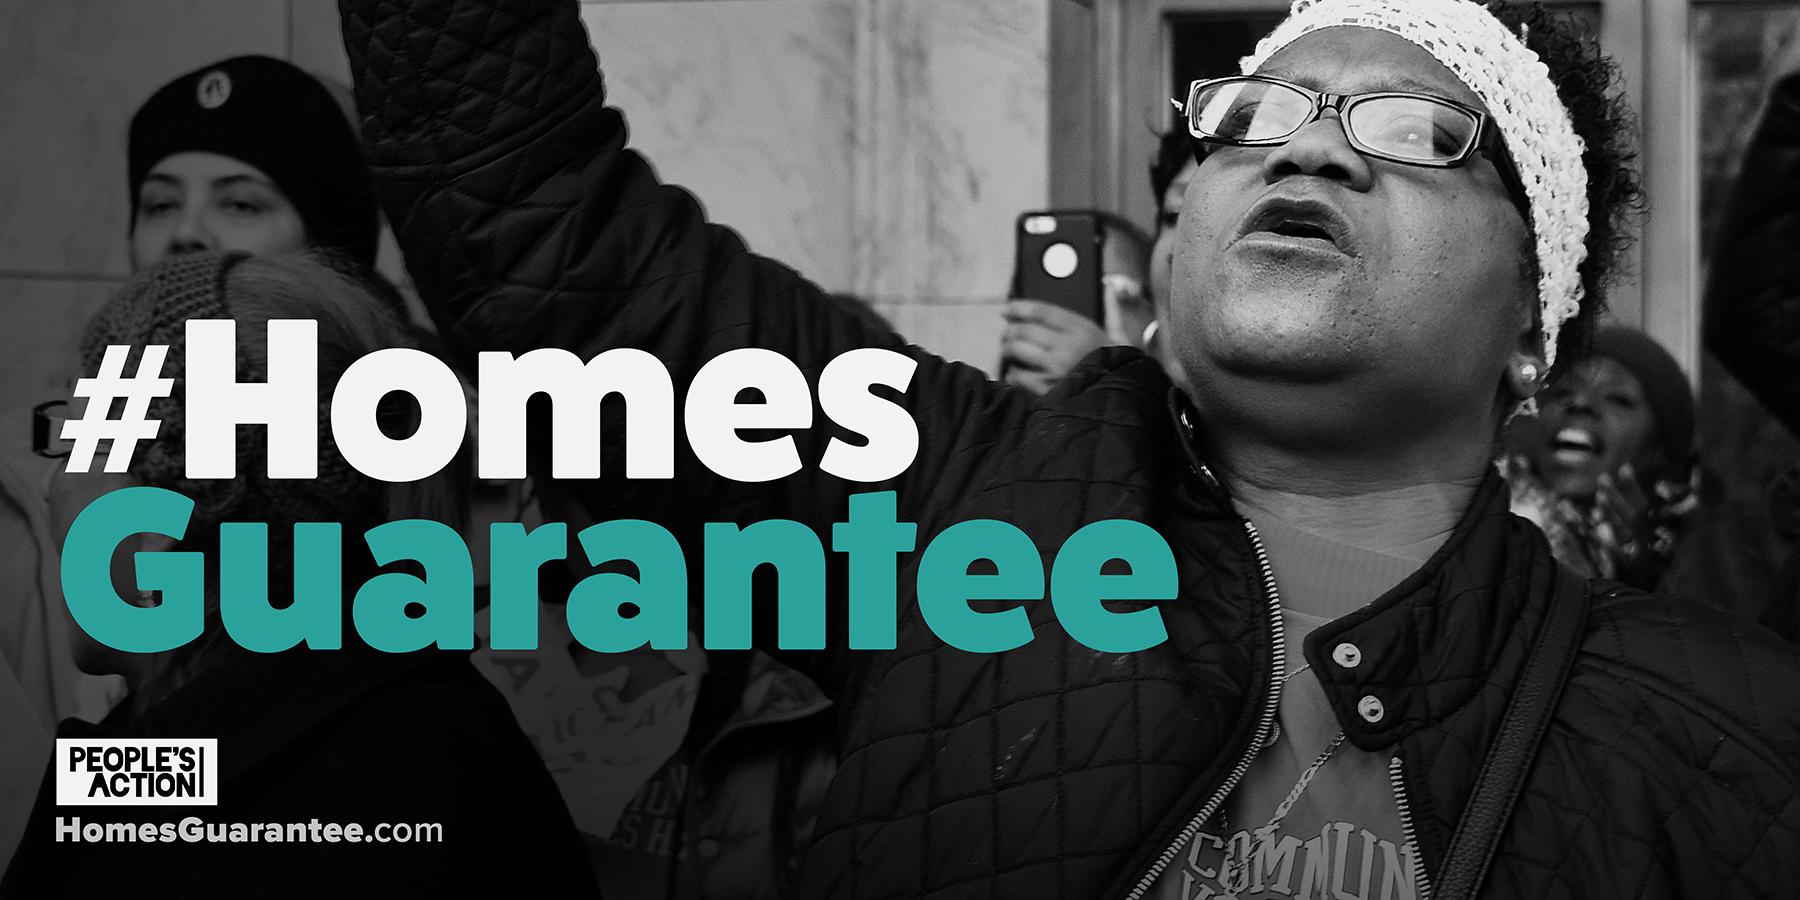 #HomesGuarantee